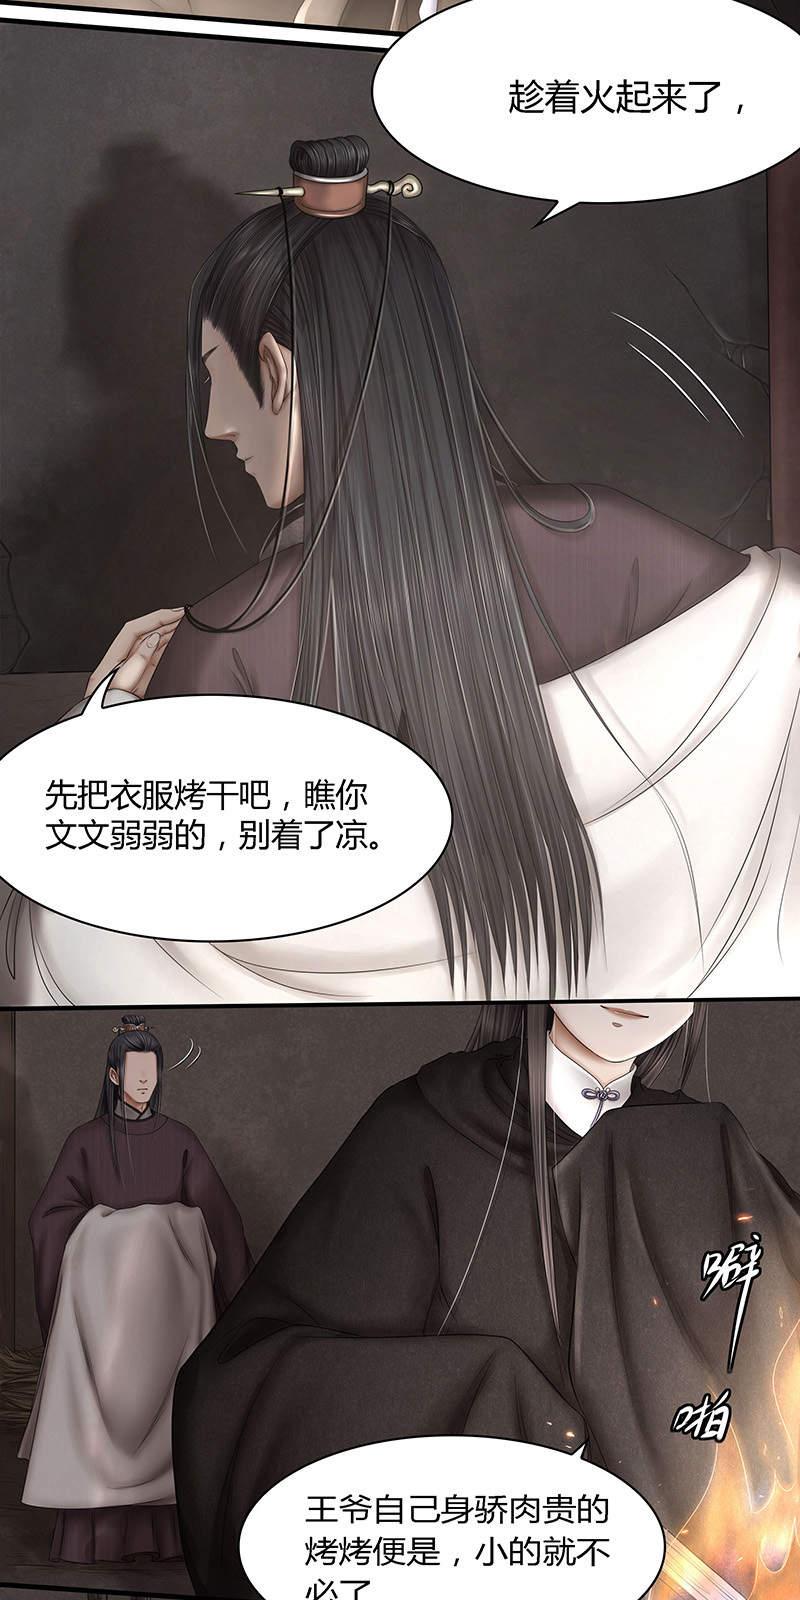 画骨女仵作第55话  夜话 第 6